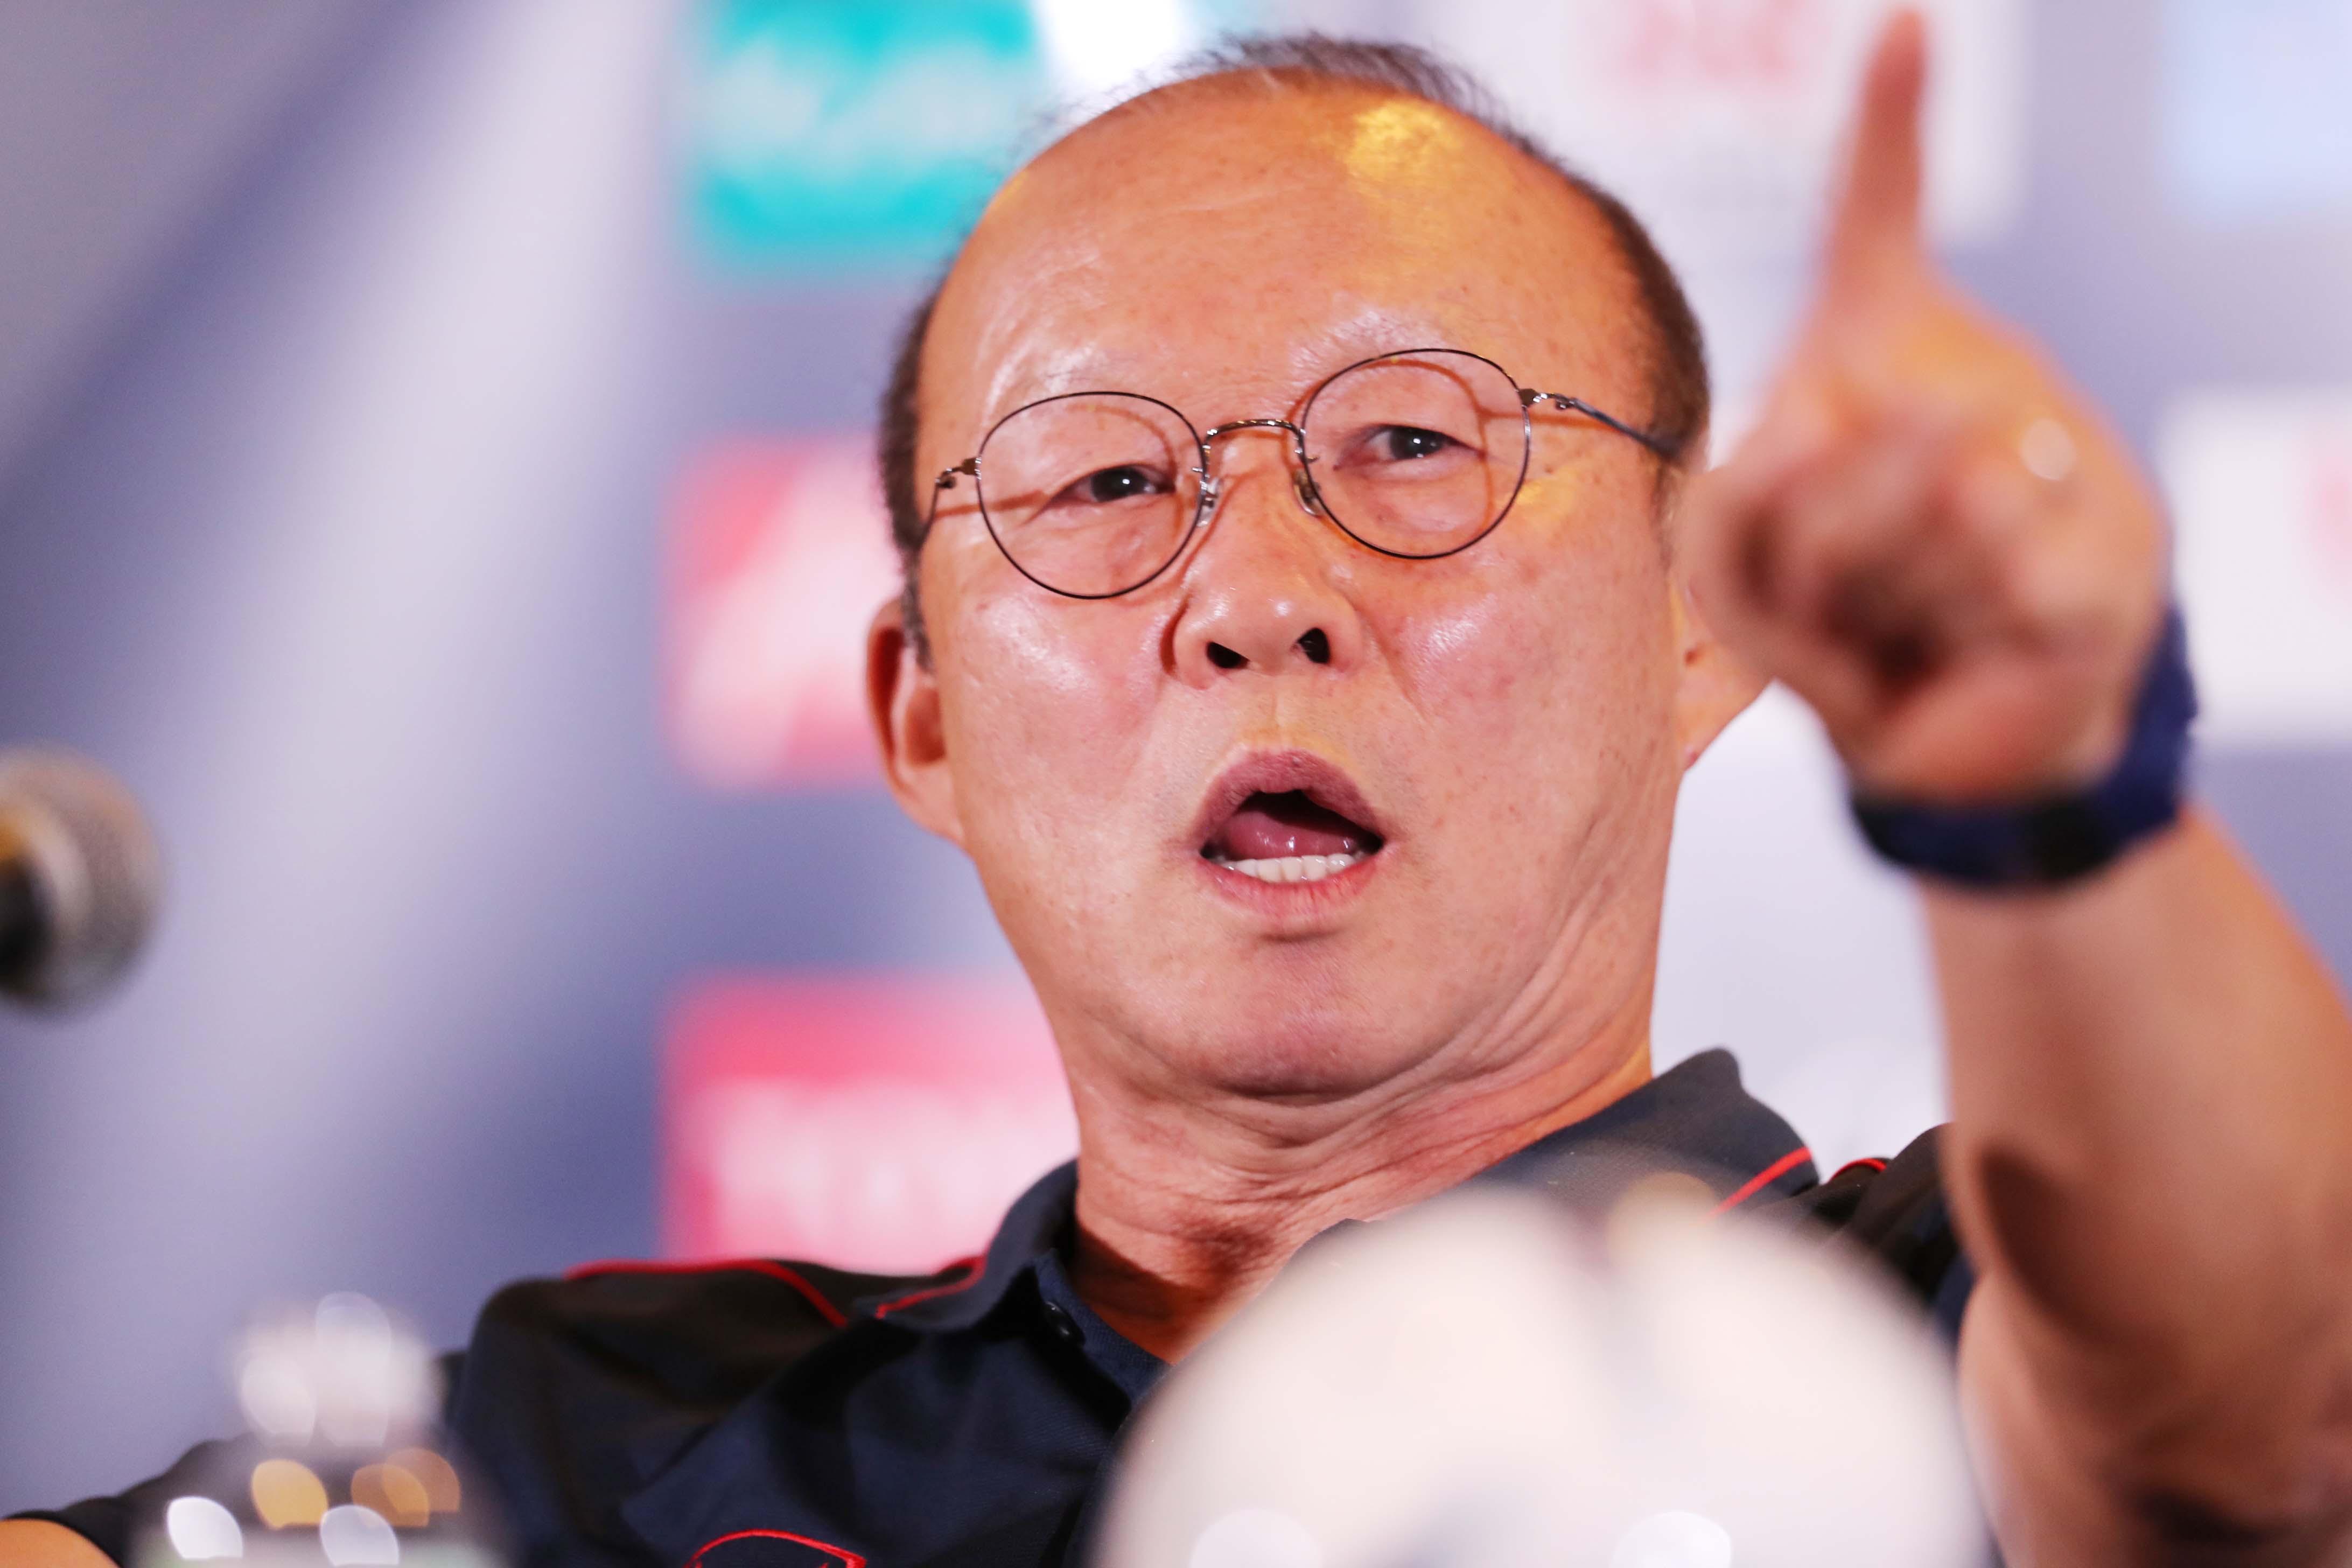 Điểm tin bóng đá Việt Nam tối 12/7: Thầy Park hoãn đàm phán hộ đồng với VFF, ĐT Nữ lên đỉnh khu vực ĐNÁ - Bóng Đá